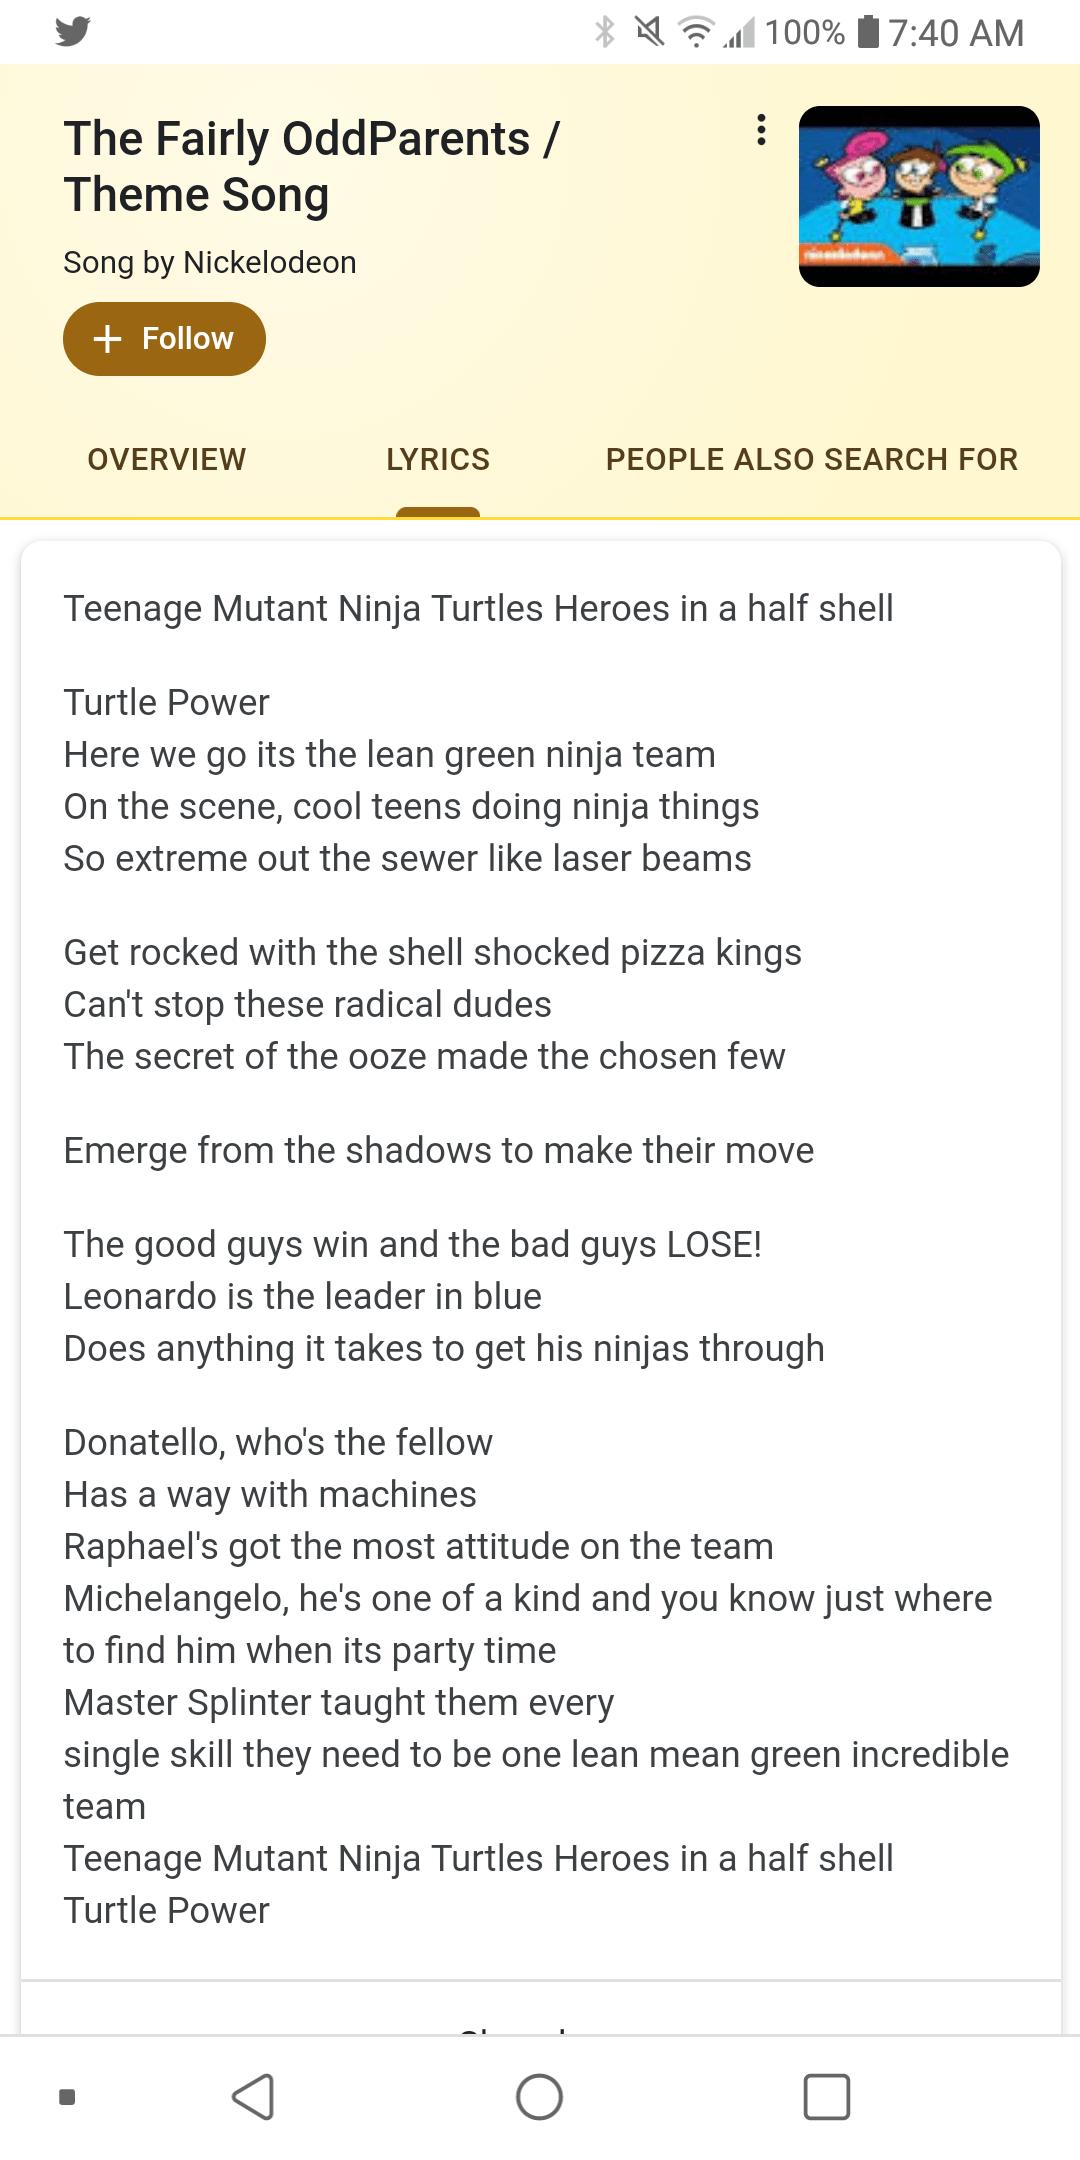 Teenage Mutant Ninja Turtles - Turtles Theme (2003) Lyrics